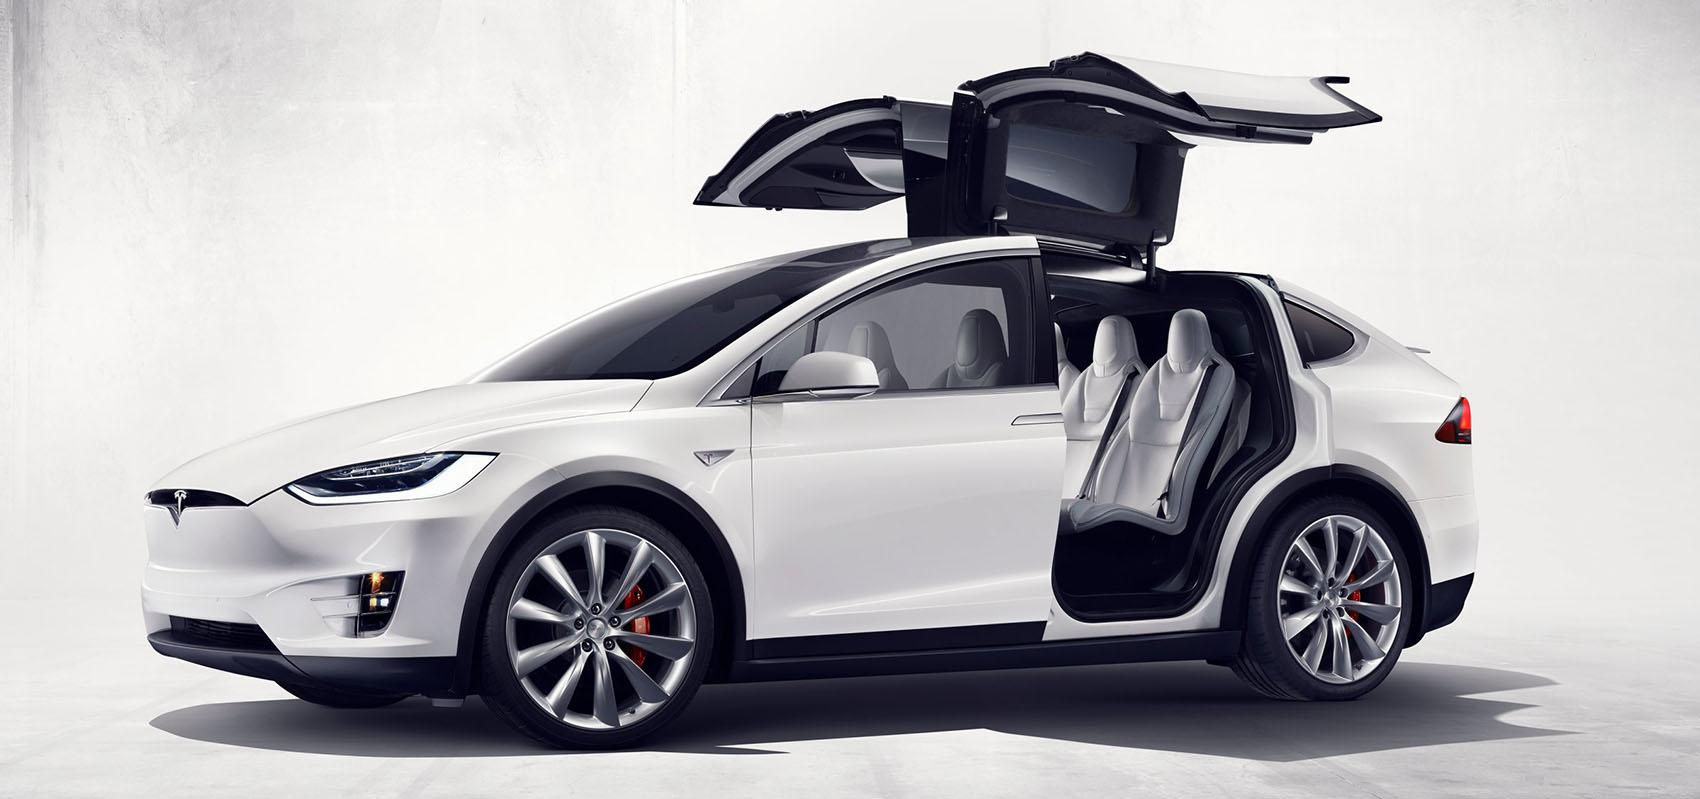 Tesla despide a cientos de trabajadores tras revisiones